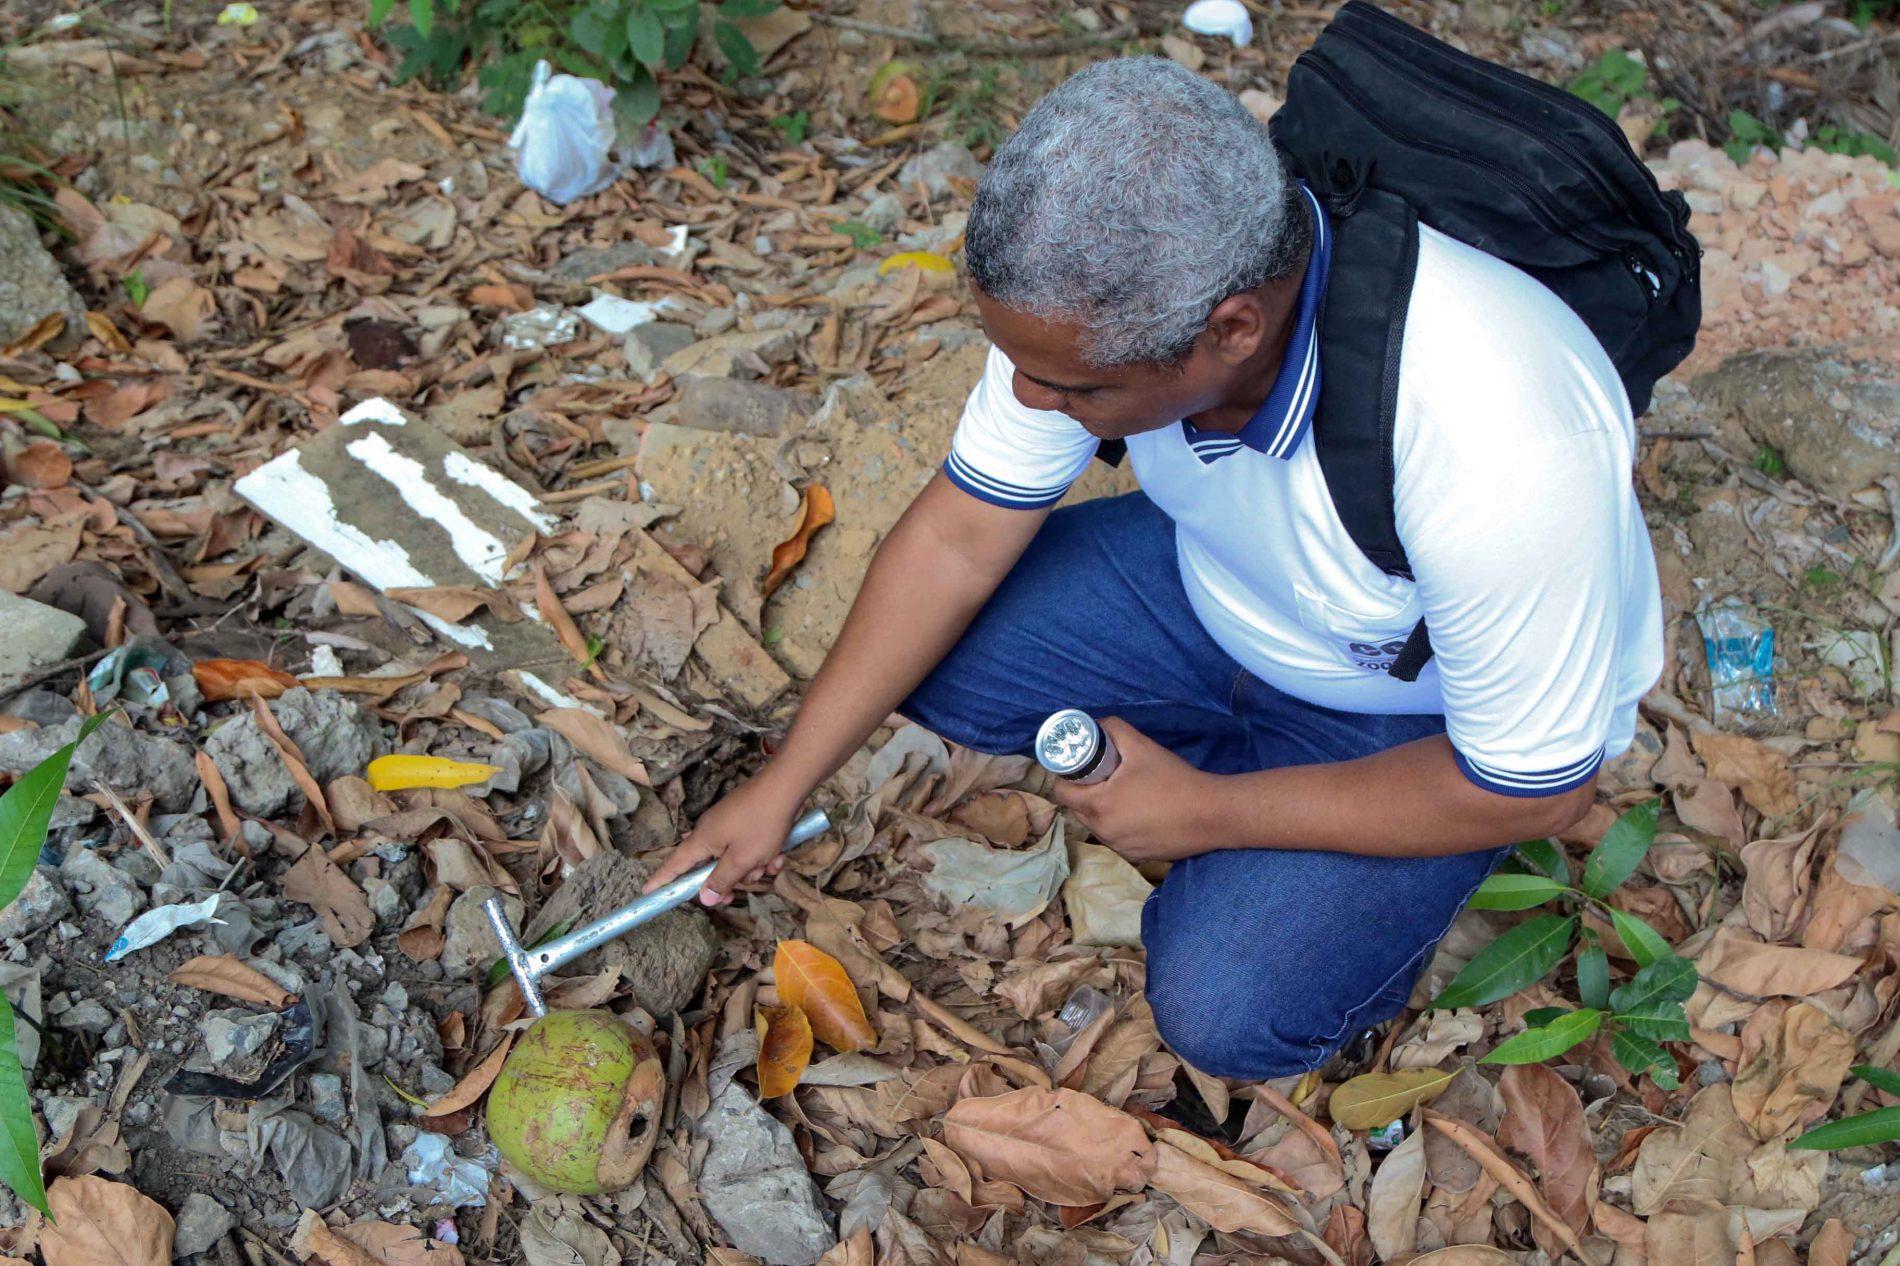 Casos de dengue aumentam em mais de 100% em Feira de Santana